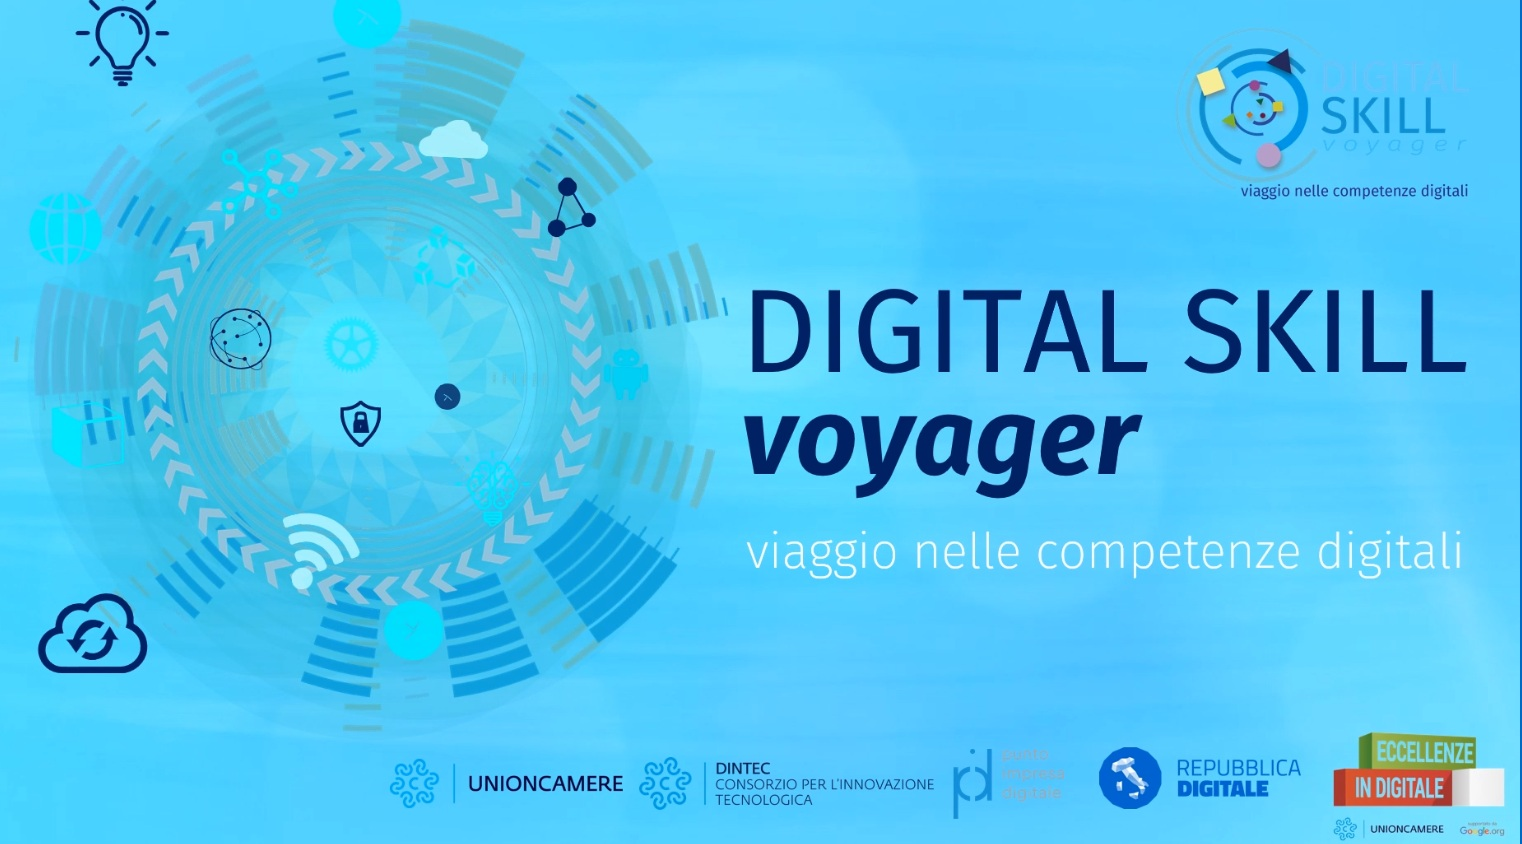 Digital voyager